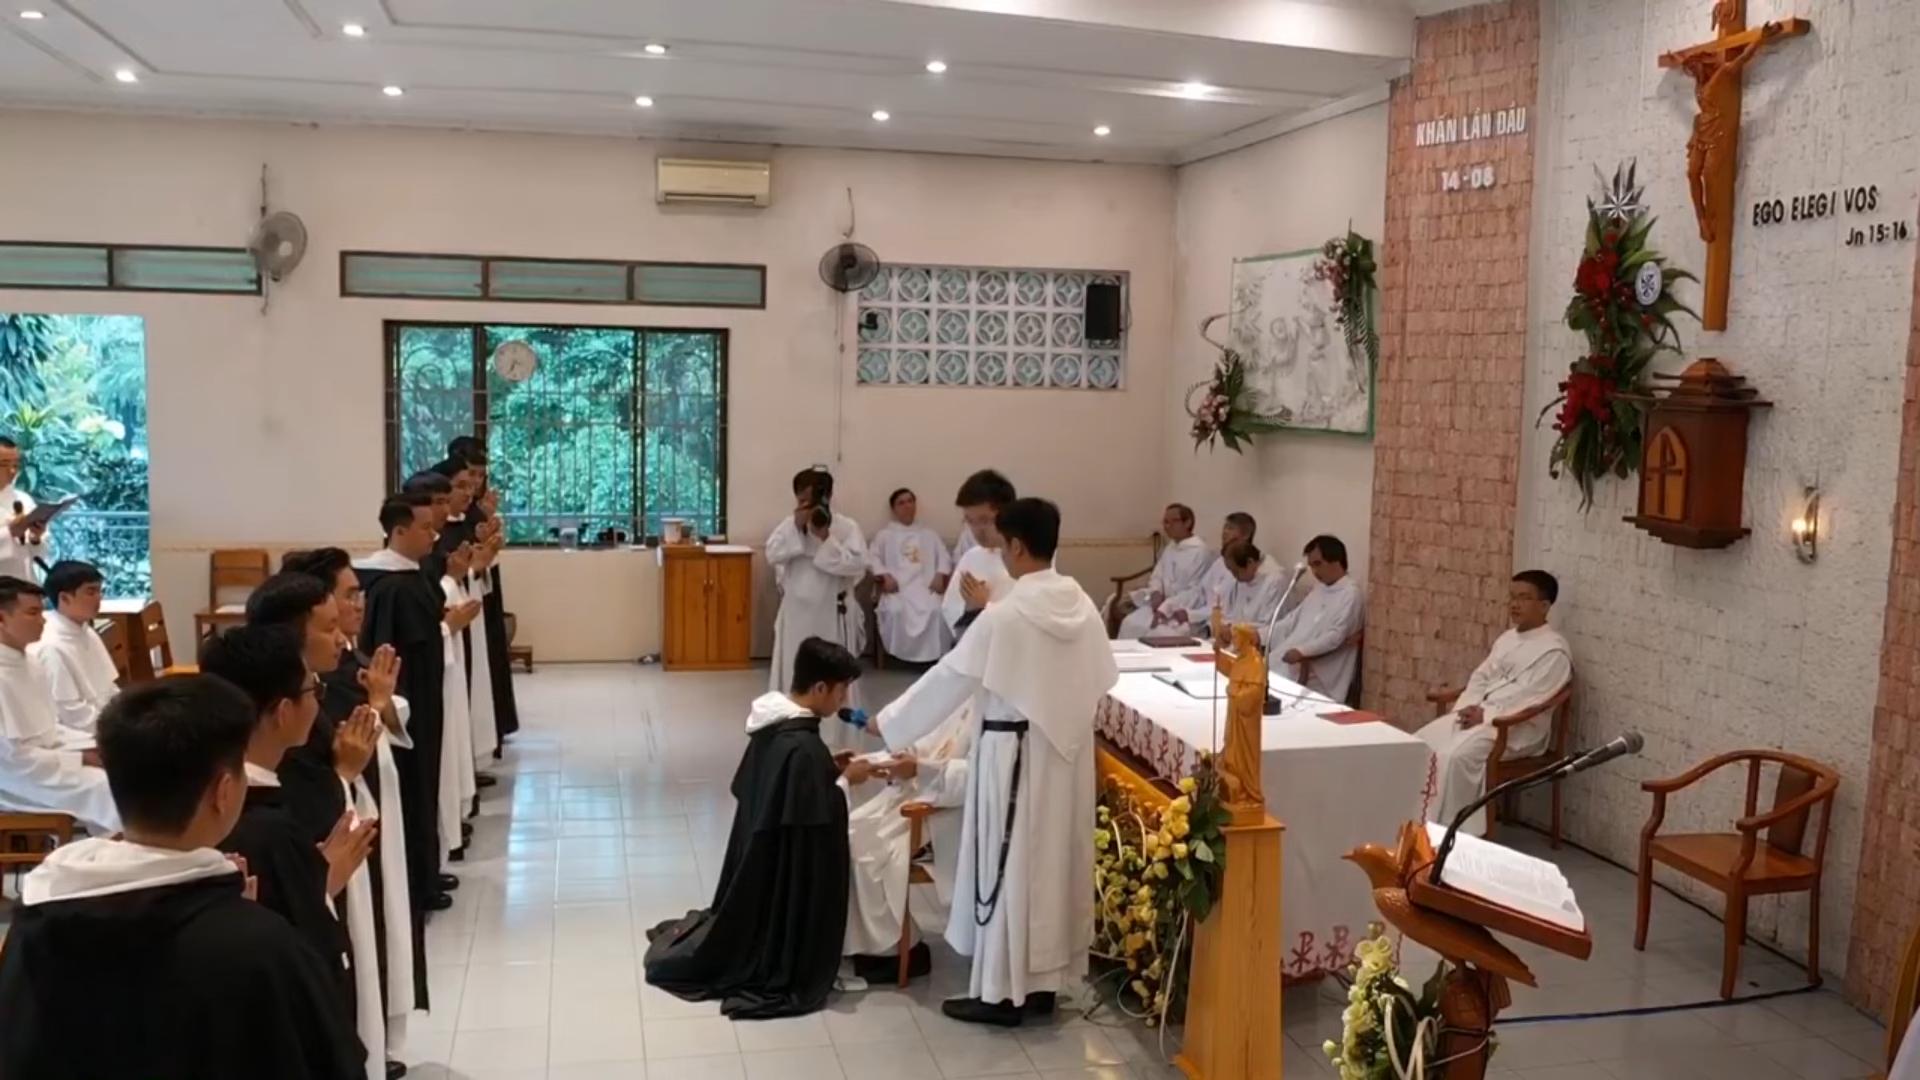 Videos: Nghi thức Trao áo dòng và Tiên Khấn Dòng Đa Minh, 14.8.2021